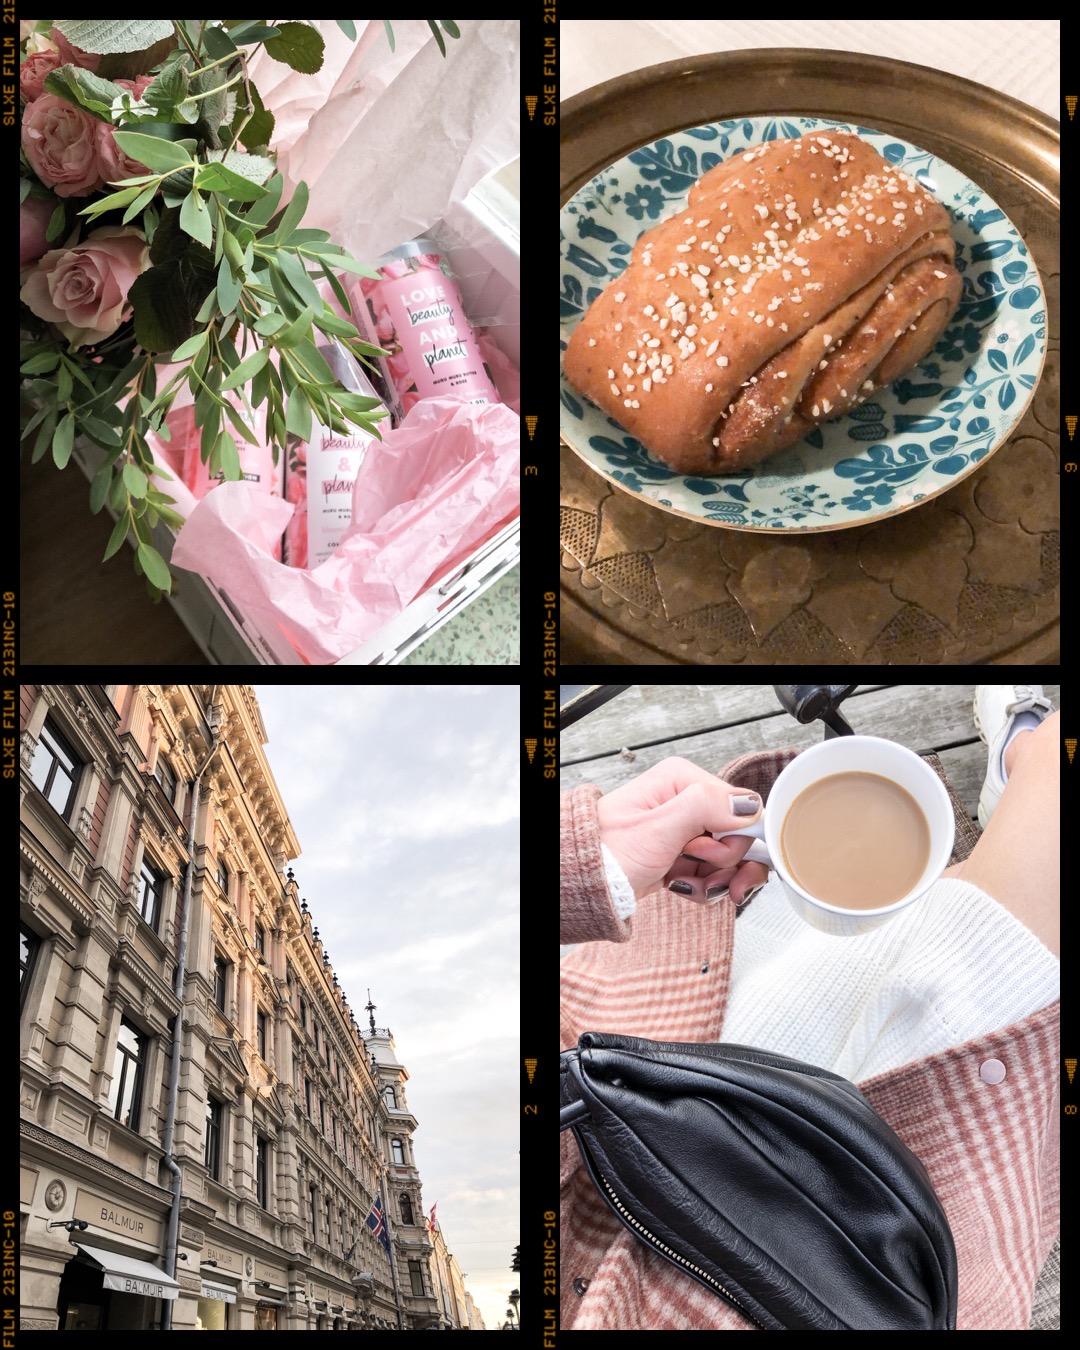 Syksyisiä kuvia, Helsinki // Autumn snapshots, Helsinki